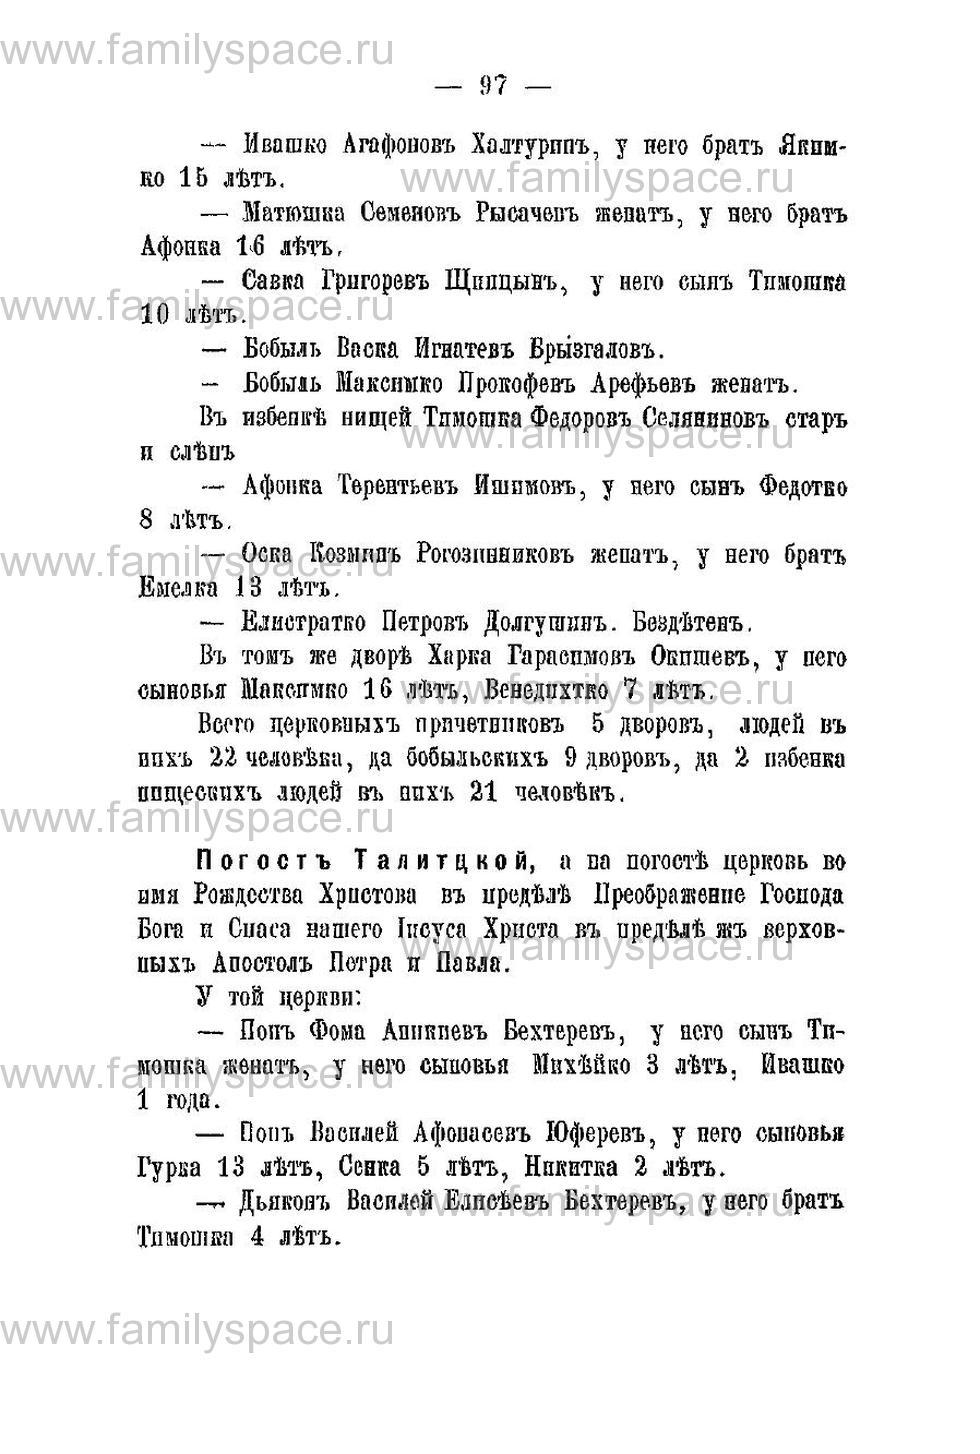 Поиск по фамилии - Переписная книга Орлова и волостей 1678 г, страница 93